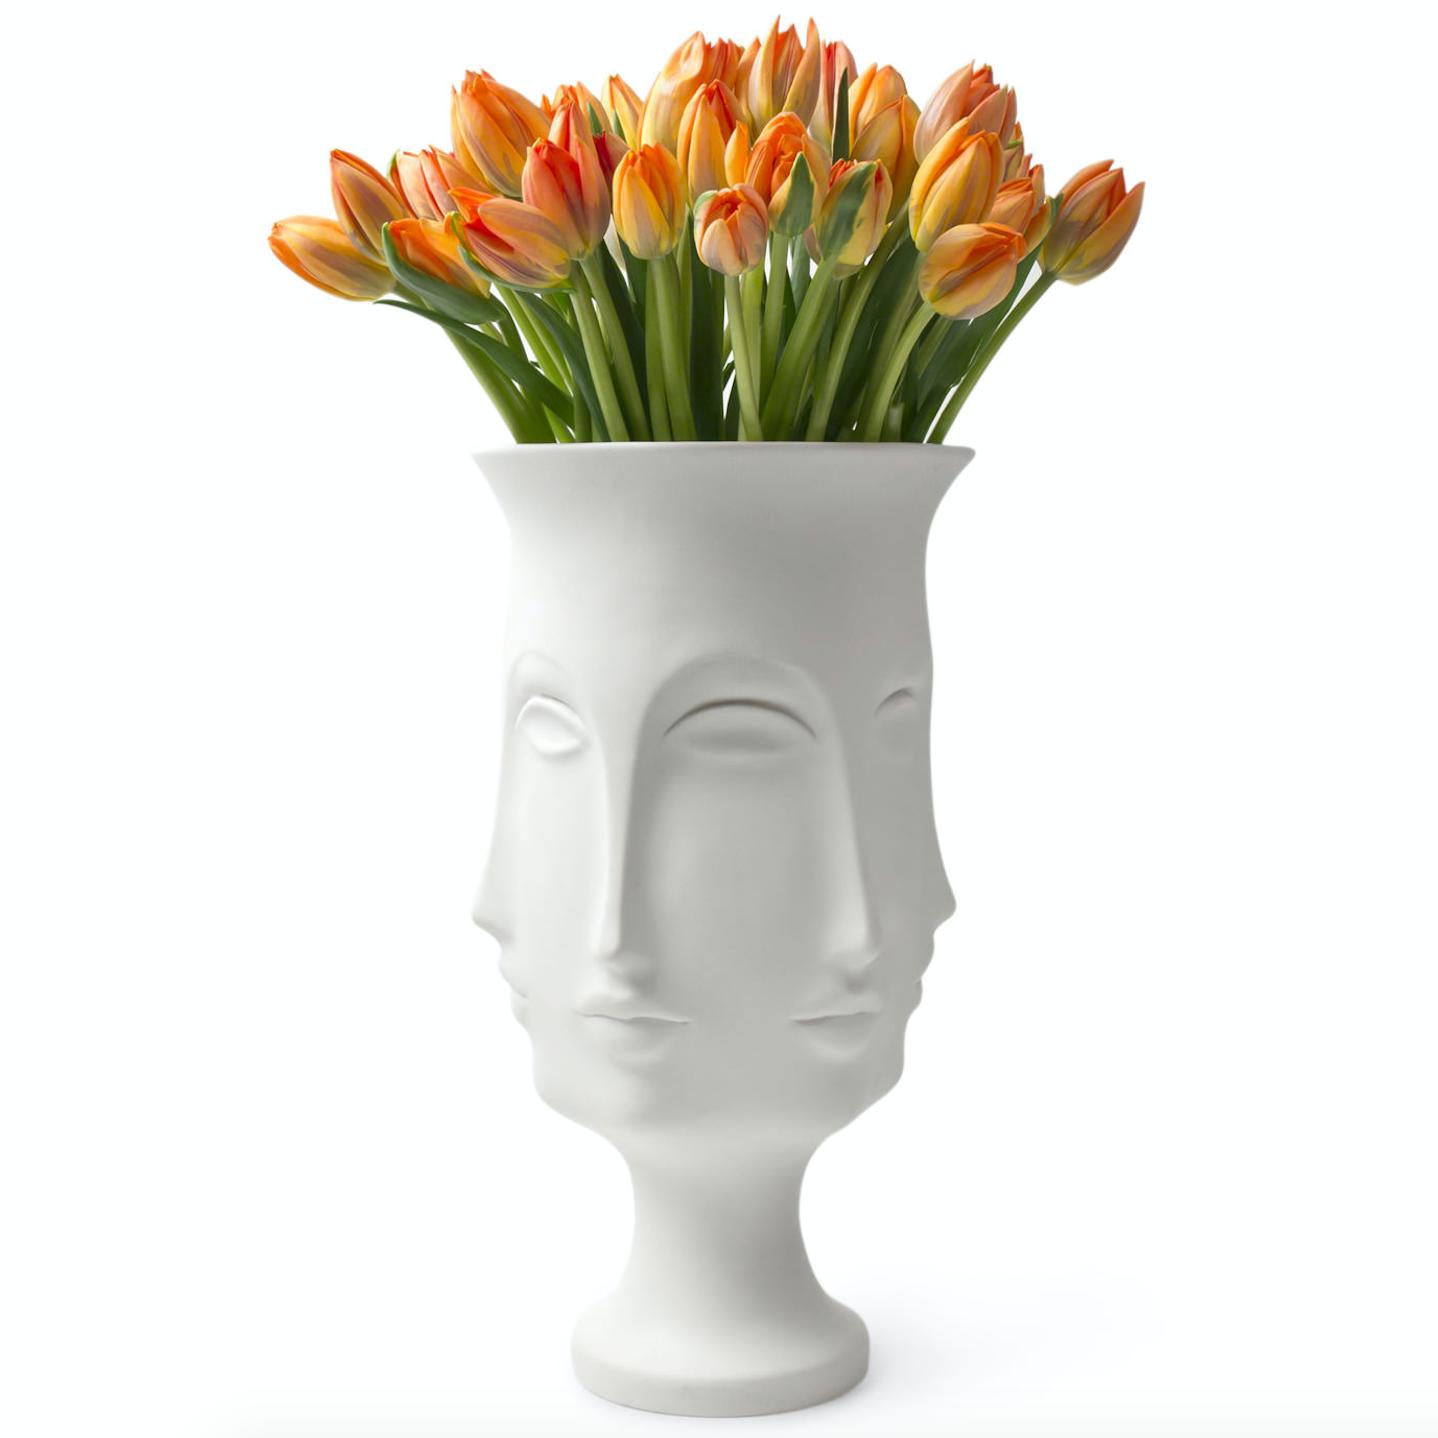 花器花瓶 高瓶 人脸 出家人和尚 僧人 佛教文化 艺术品 定制花瓶